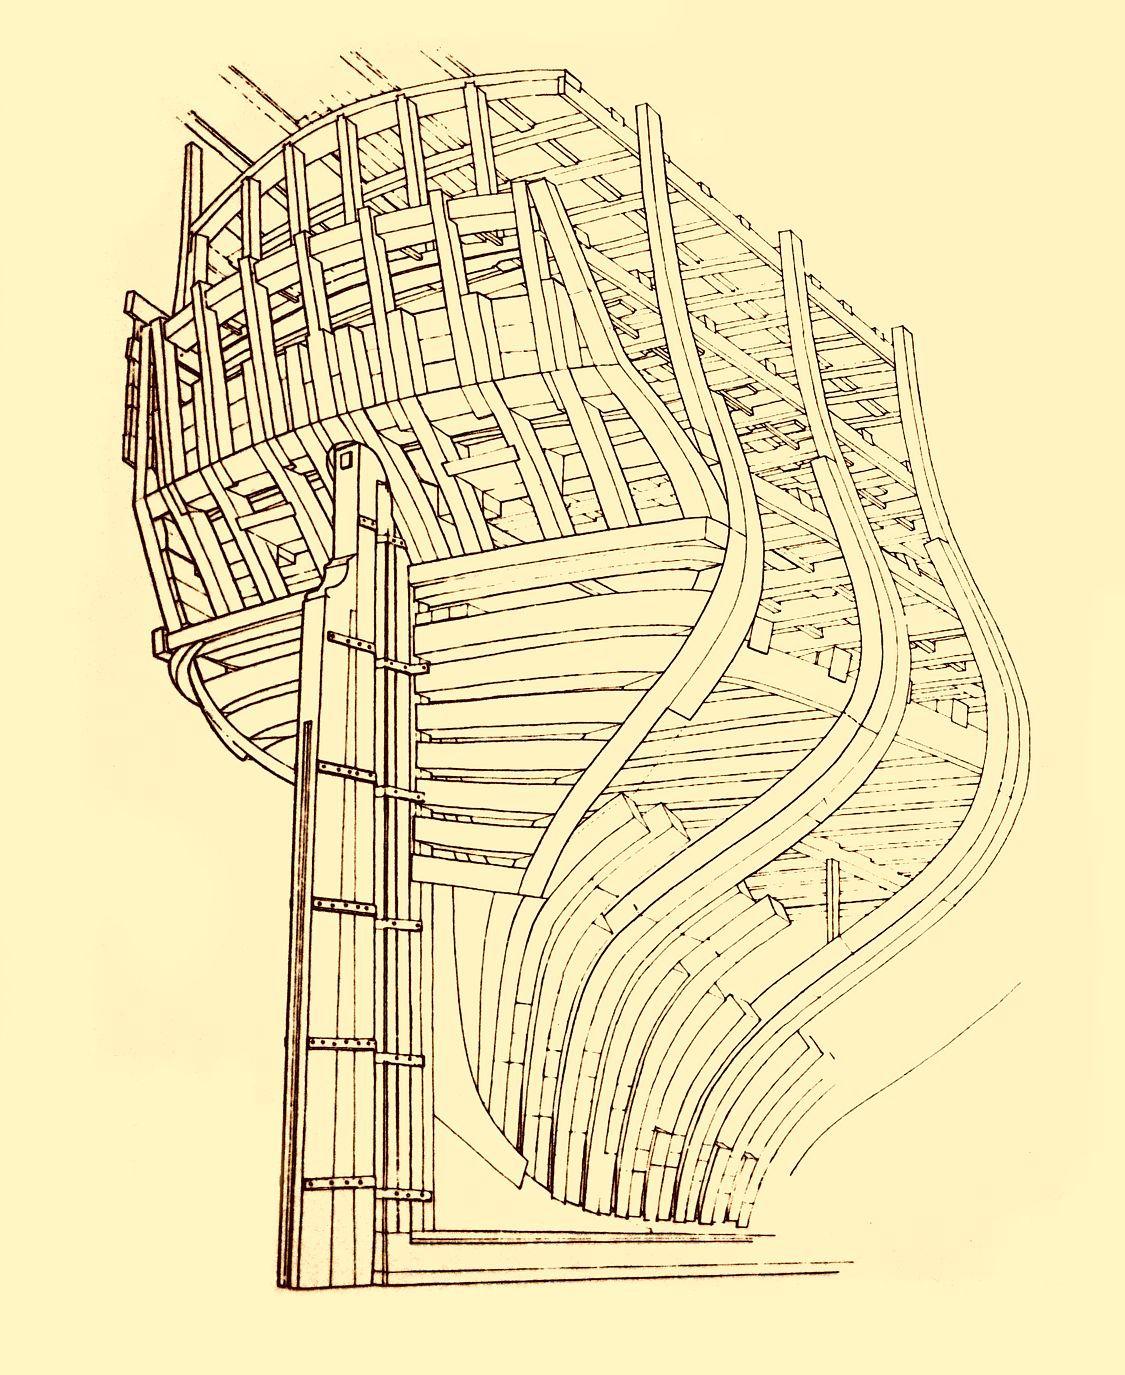 ship construction diagram - Google Search ship